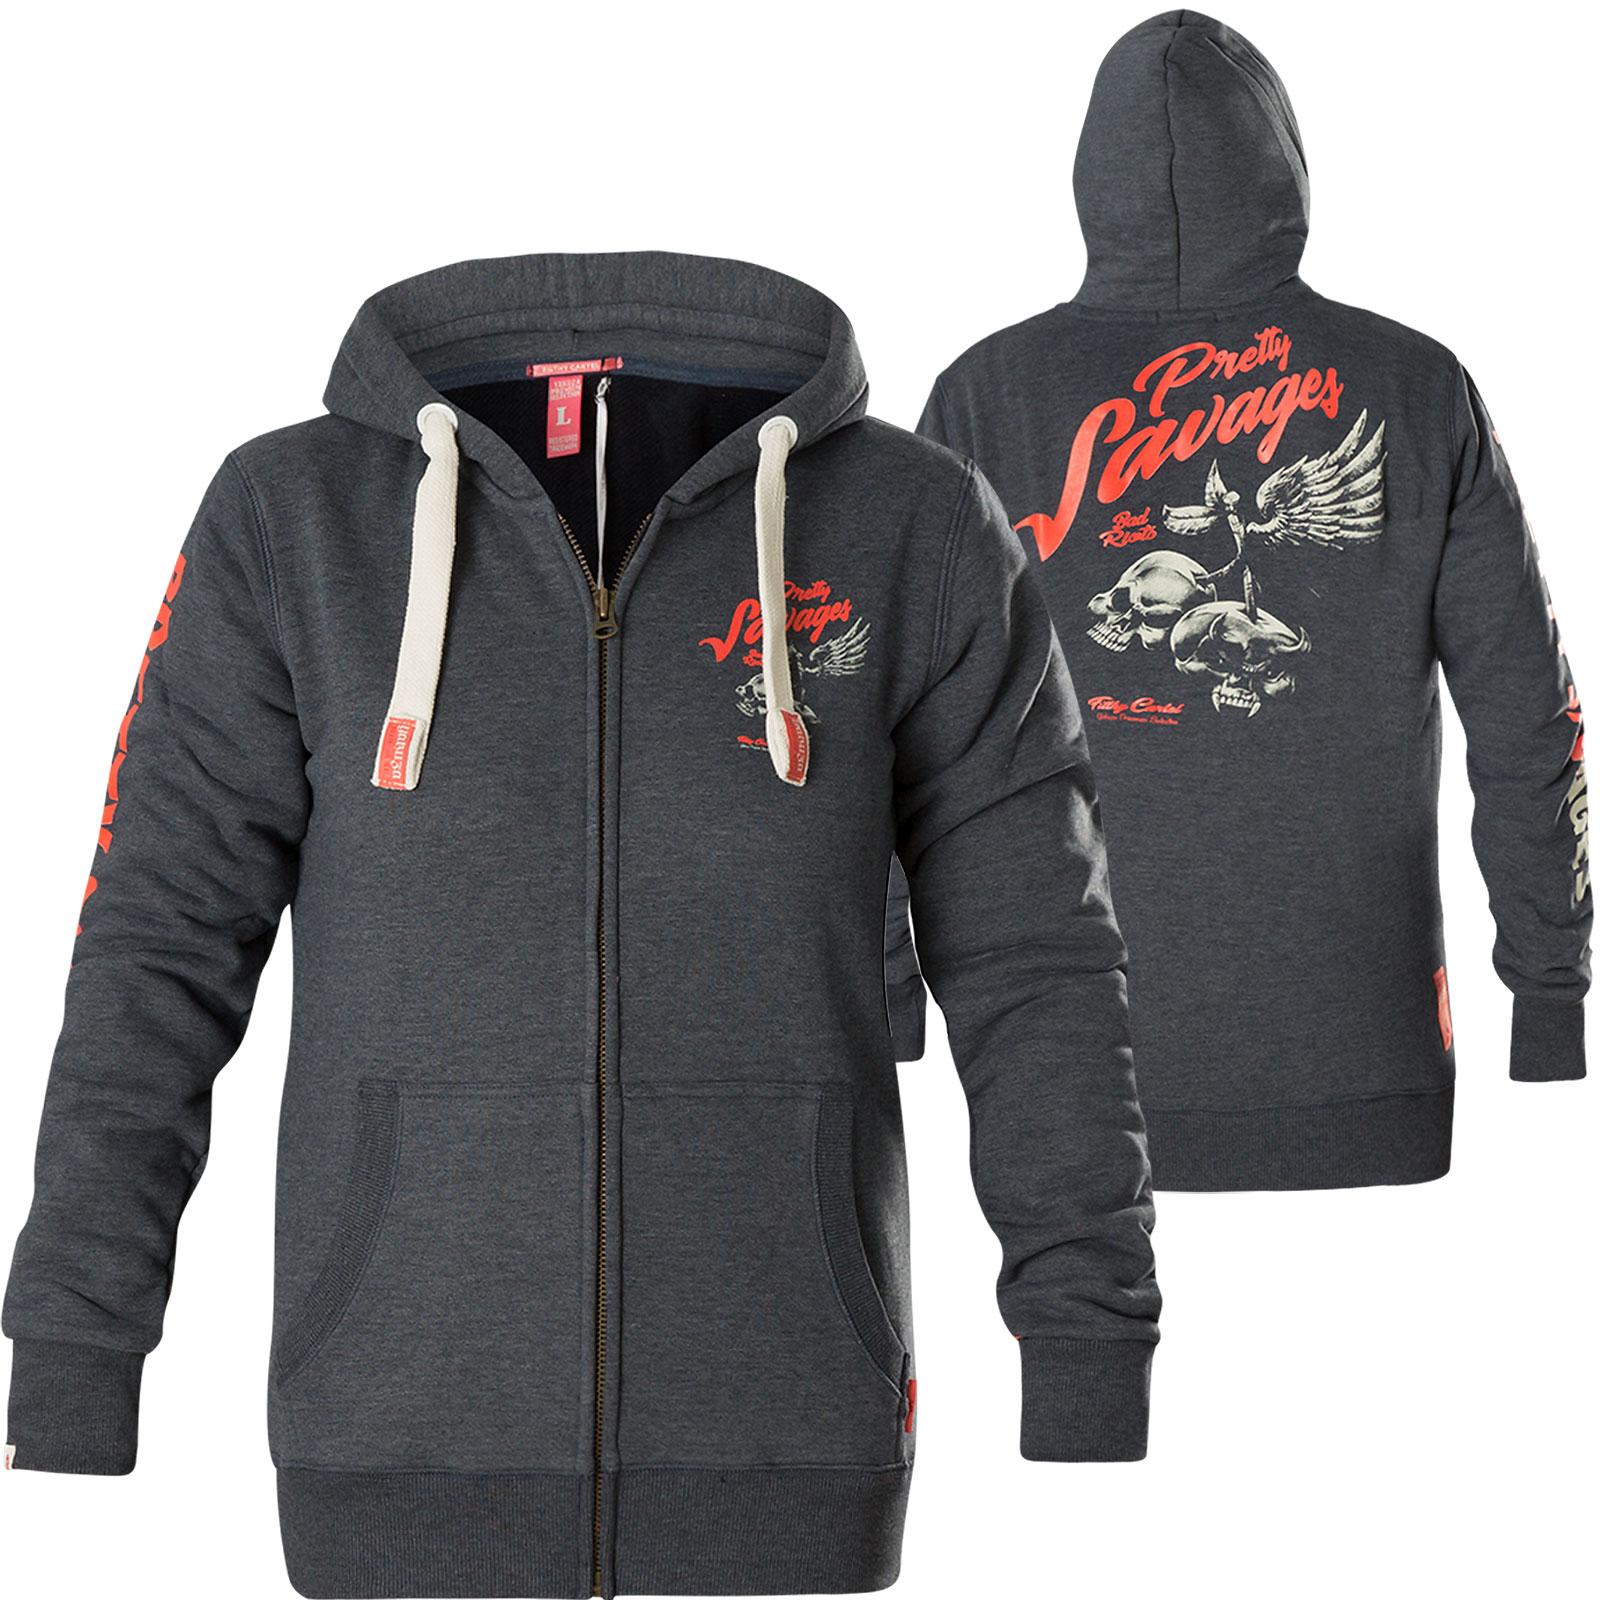 große Auswahl Beste neuesten Stil Jacken mit Kapuze